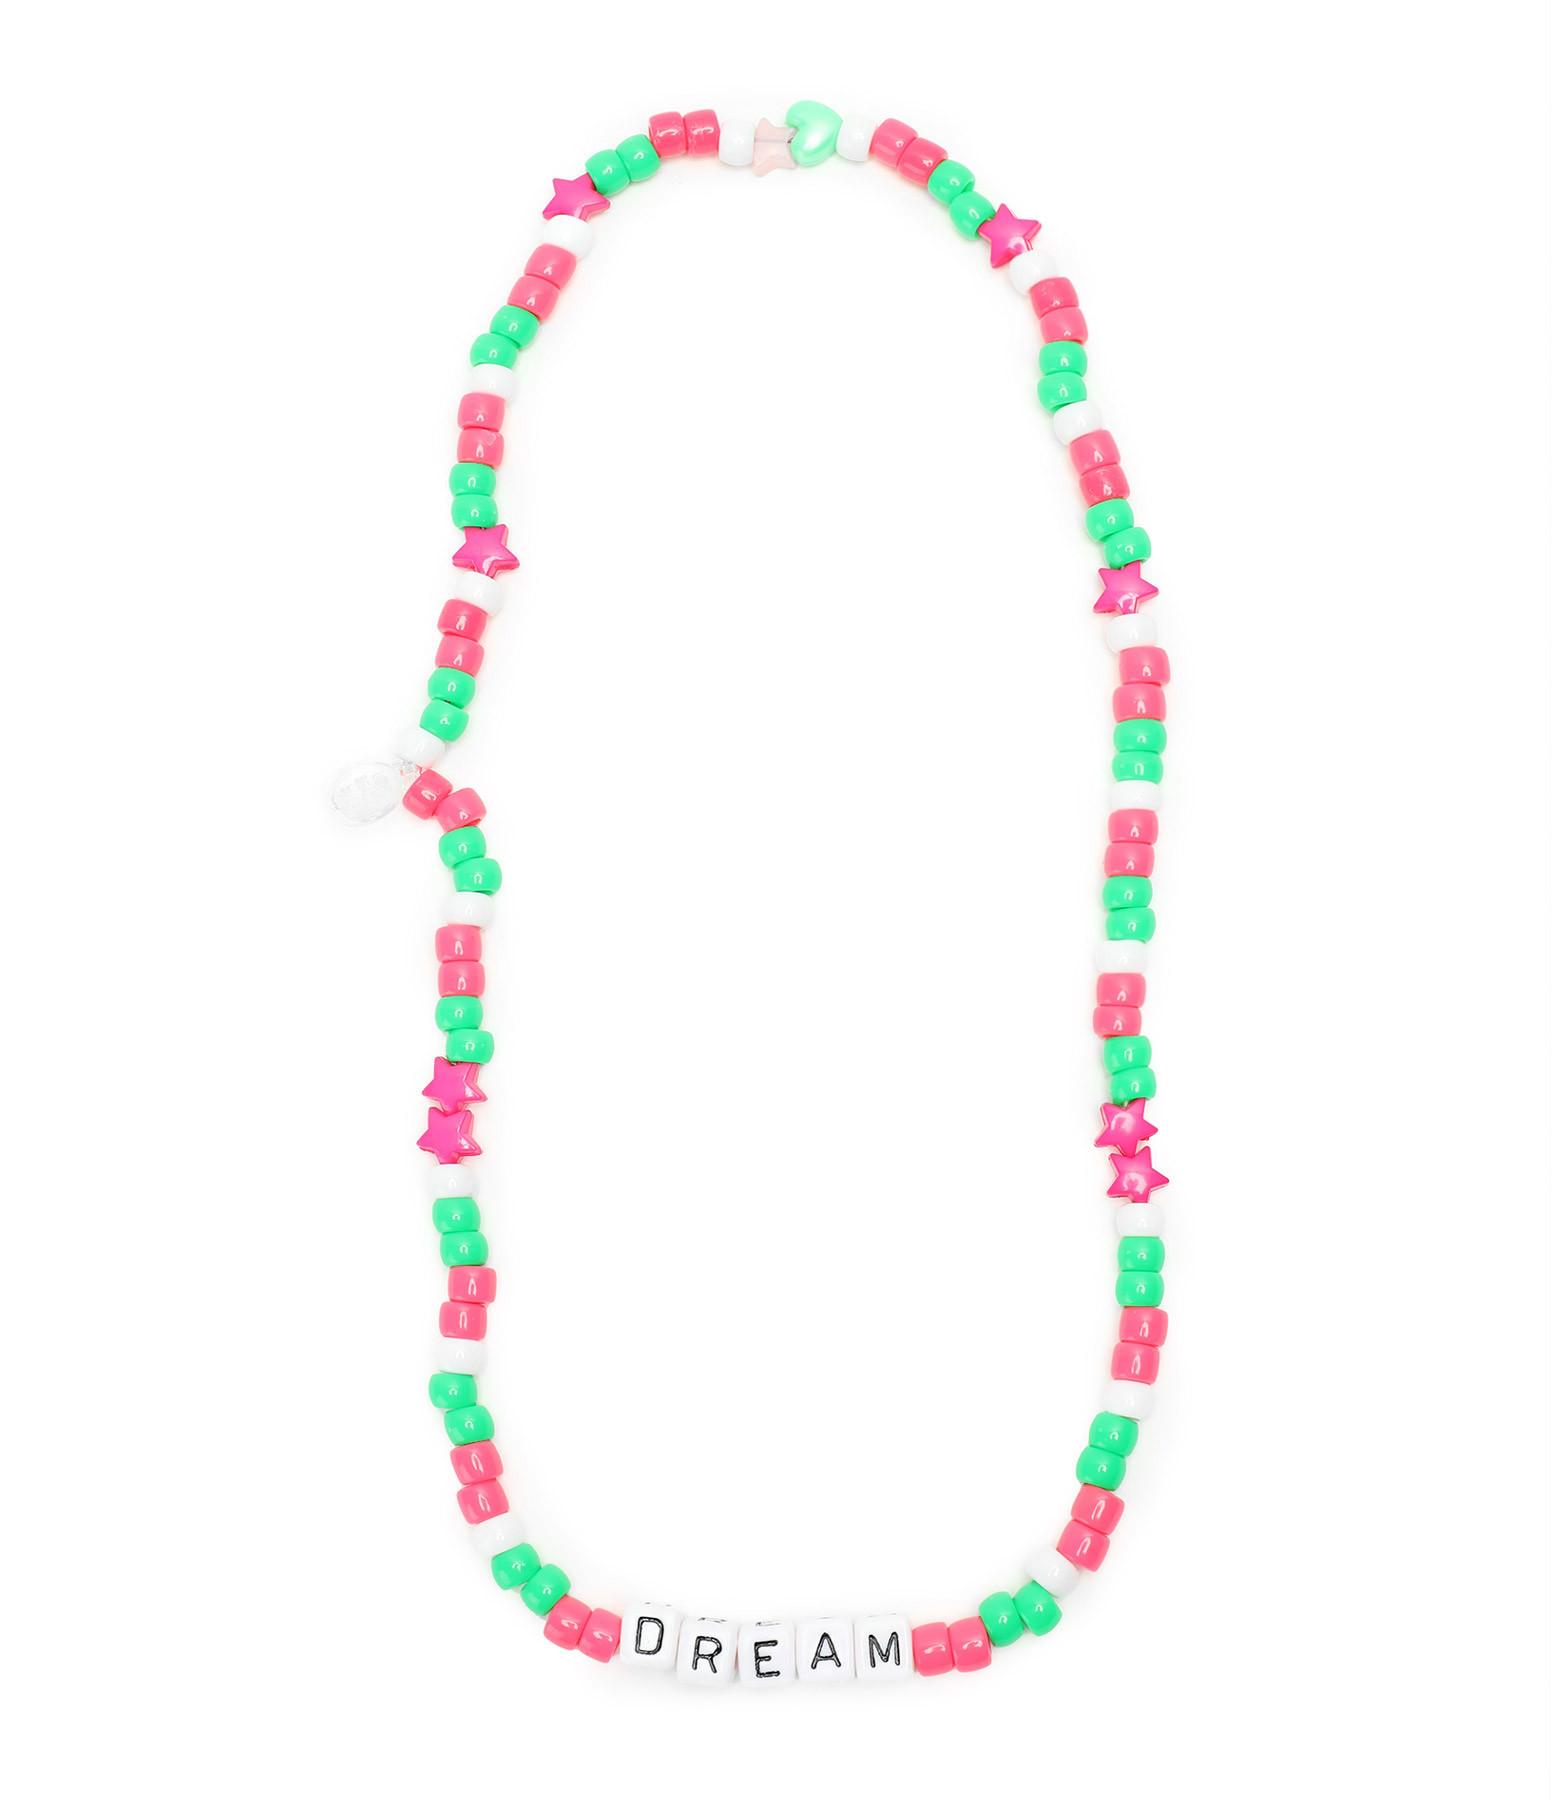 LAUREN RUBINSKI - Collier Love Beads DREAM Rose Vert